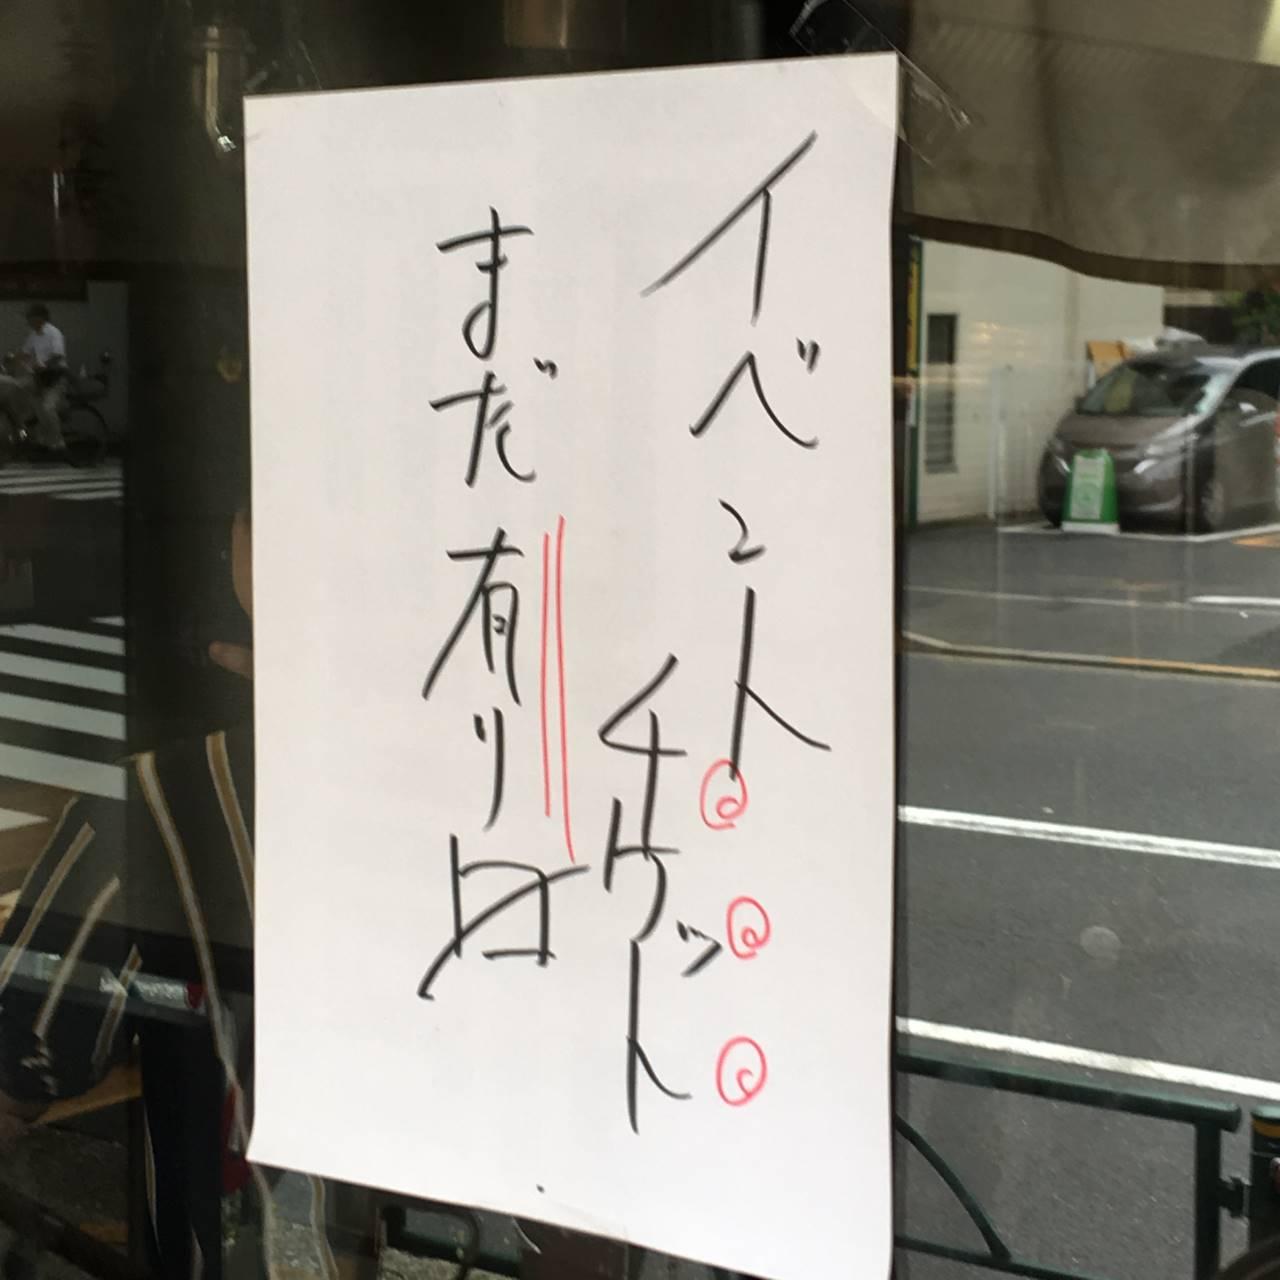 チケット有りの張り紙:竹末東京プレミアム イベント「怪物祭」